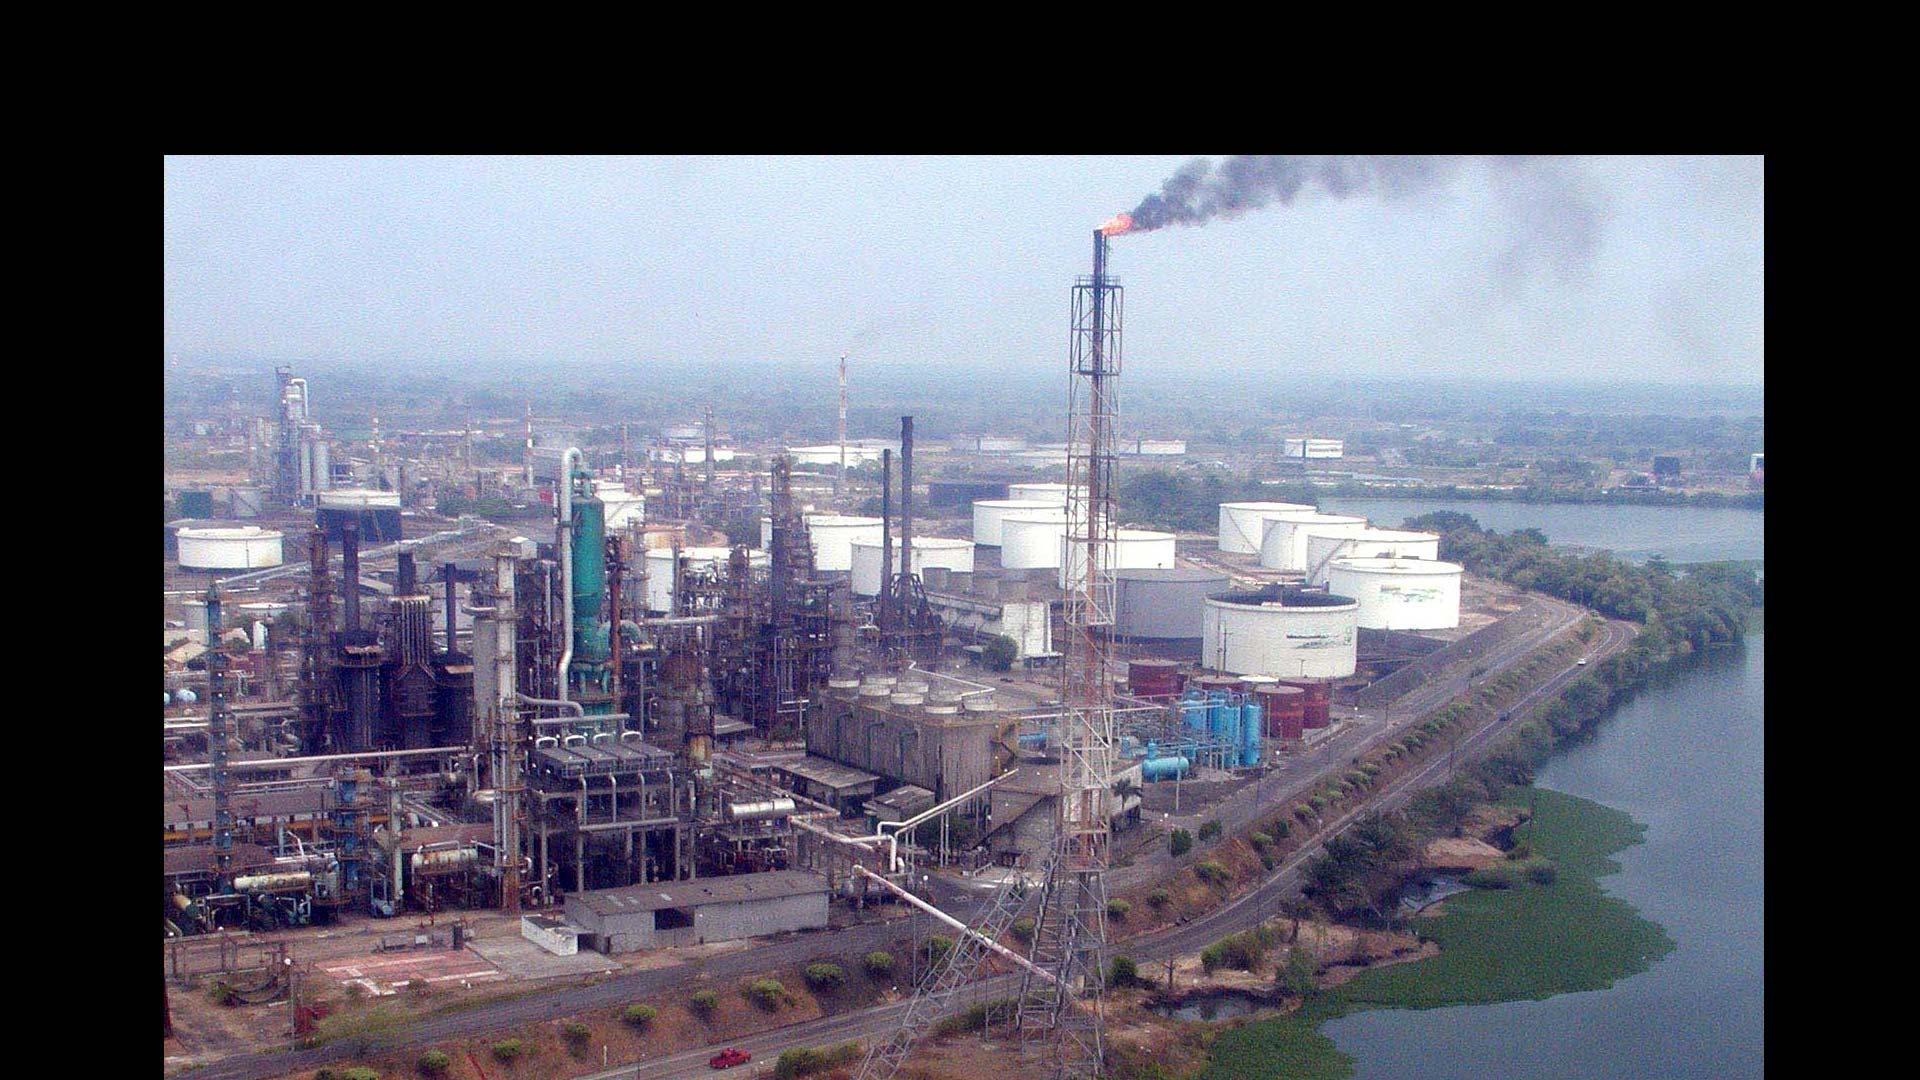 La petrolera colombiana Ecopetrol contaminó un río y arrojó desechos contaminantes en la zona